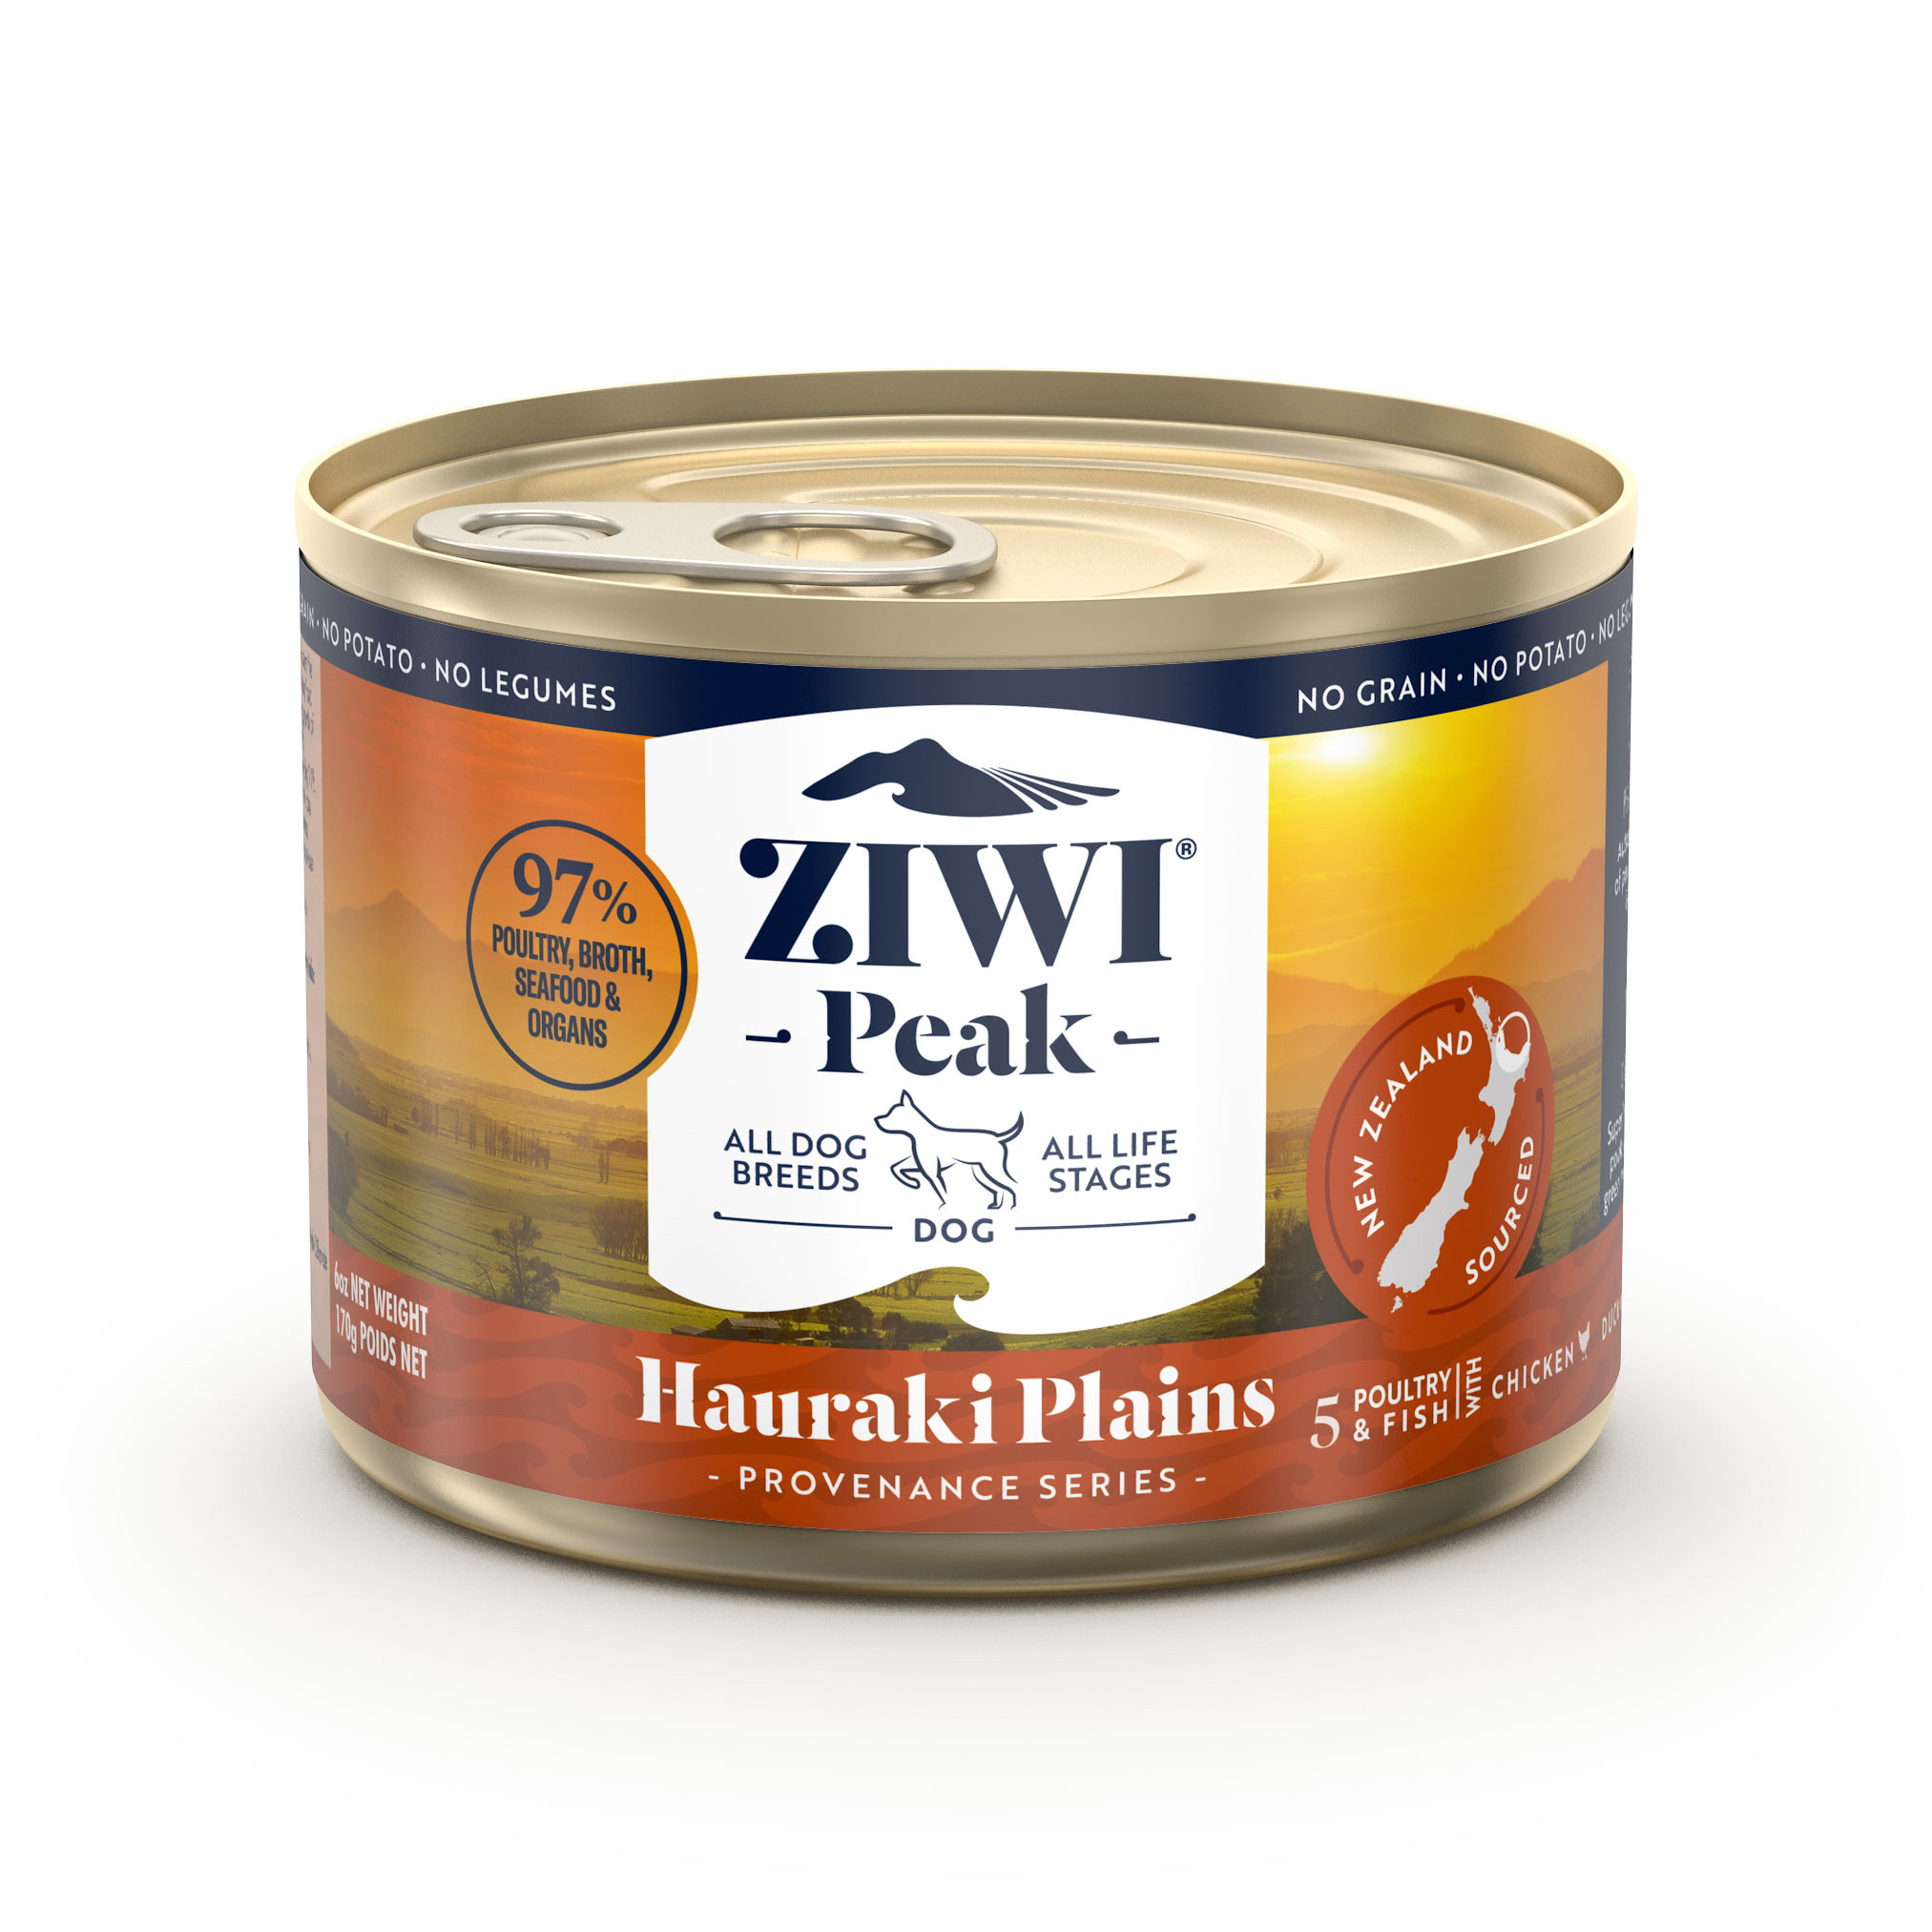 ZIWI Peak Provenance Canned Dog Food Hauraki Plains Recipe, 6-oz|170-g